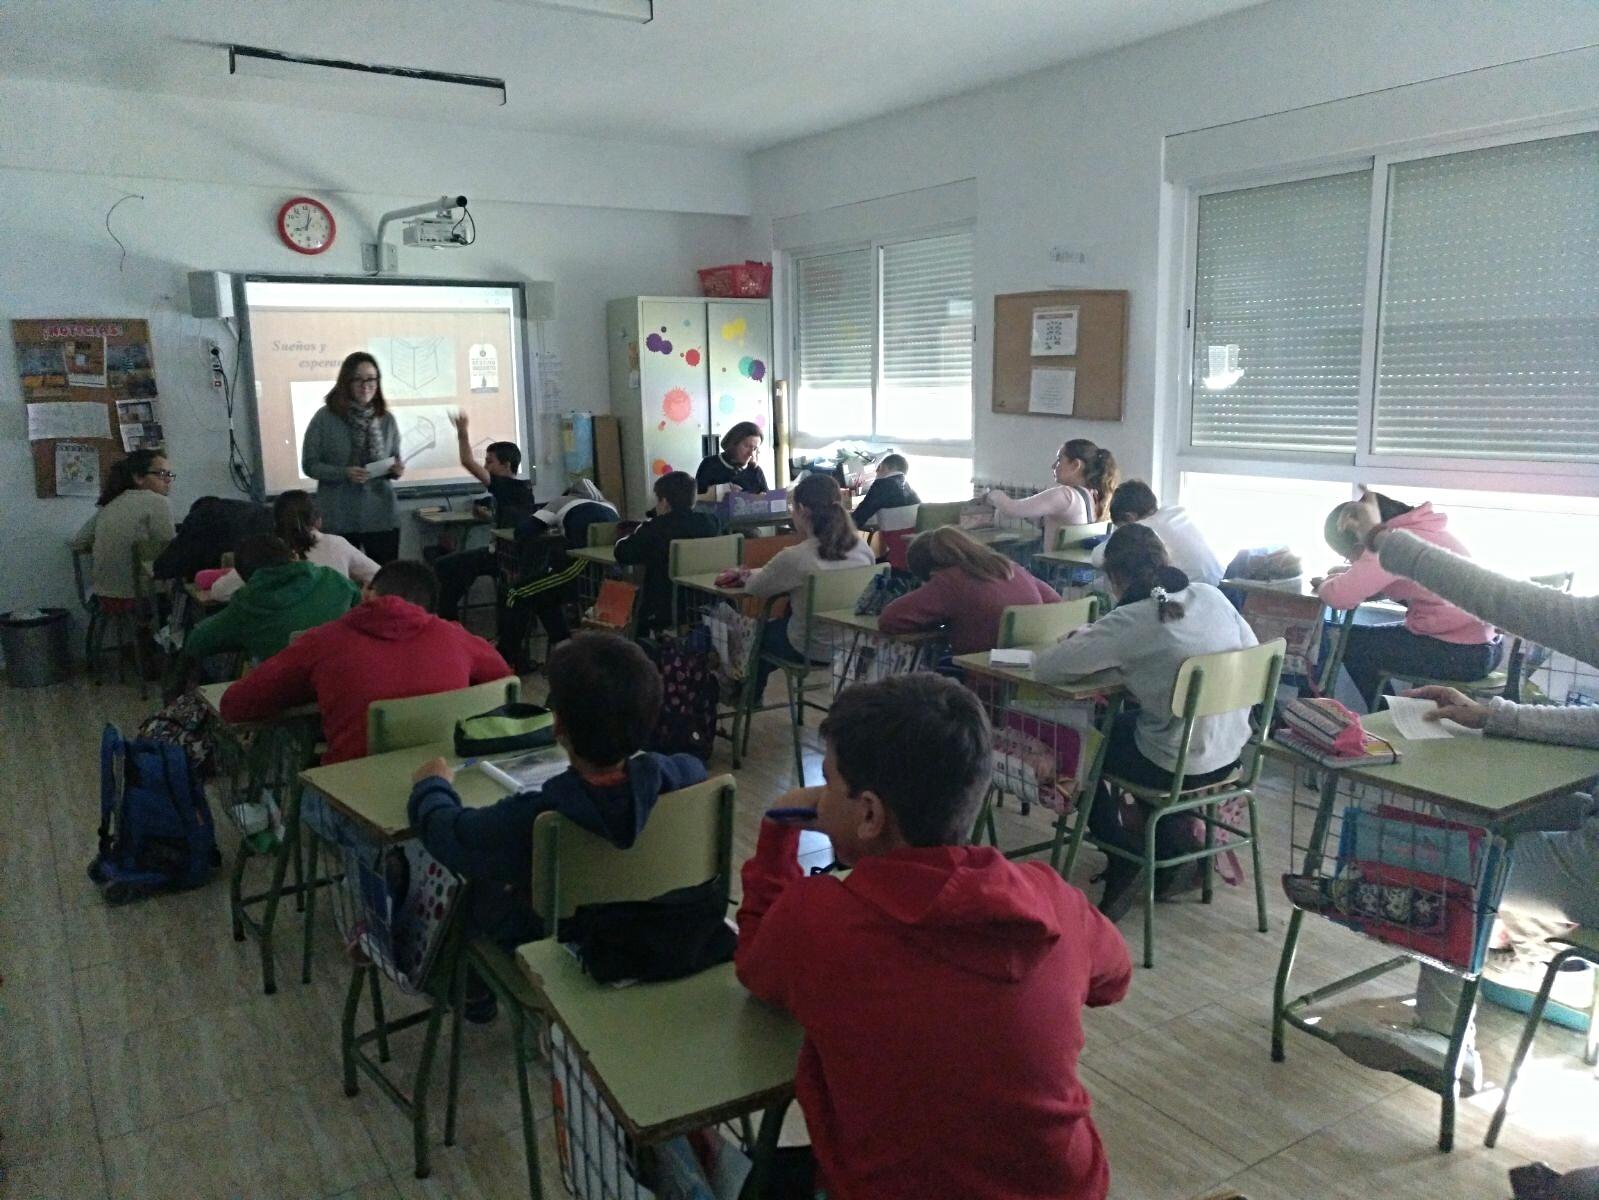 Refugio Seguro: Una mirada positiva hacia la Infancia Migrante desde las aulas.